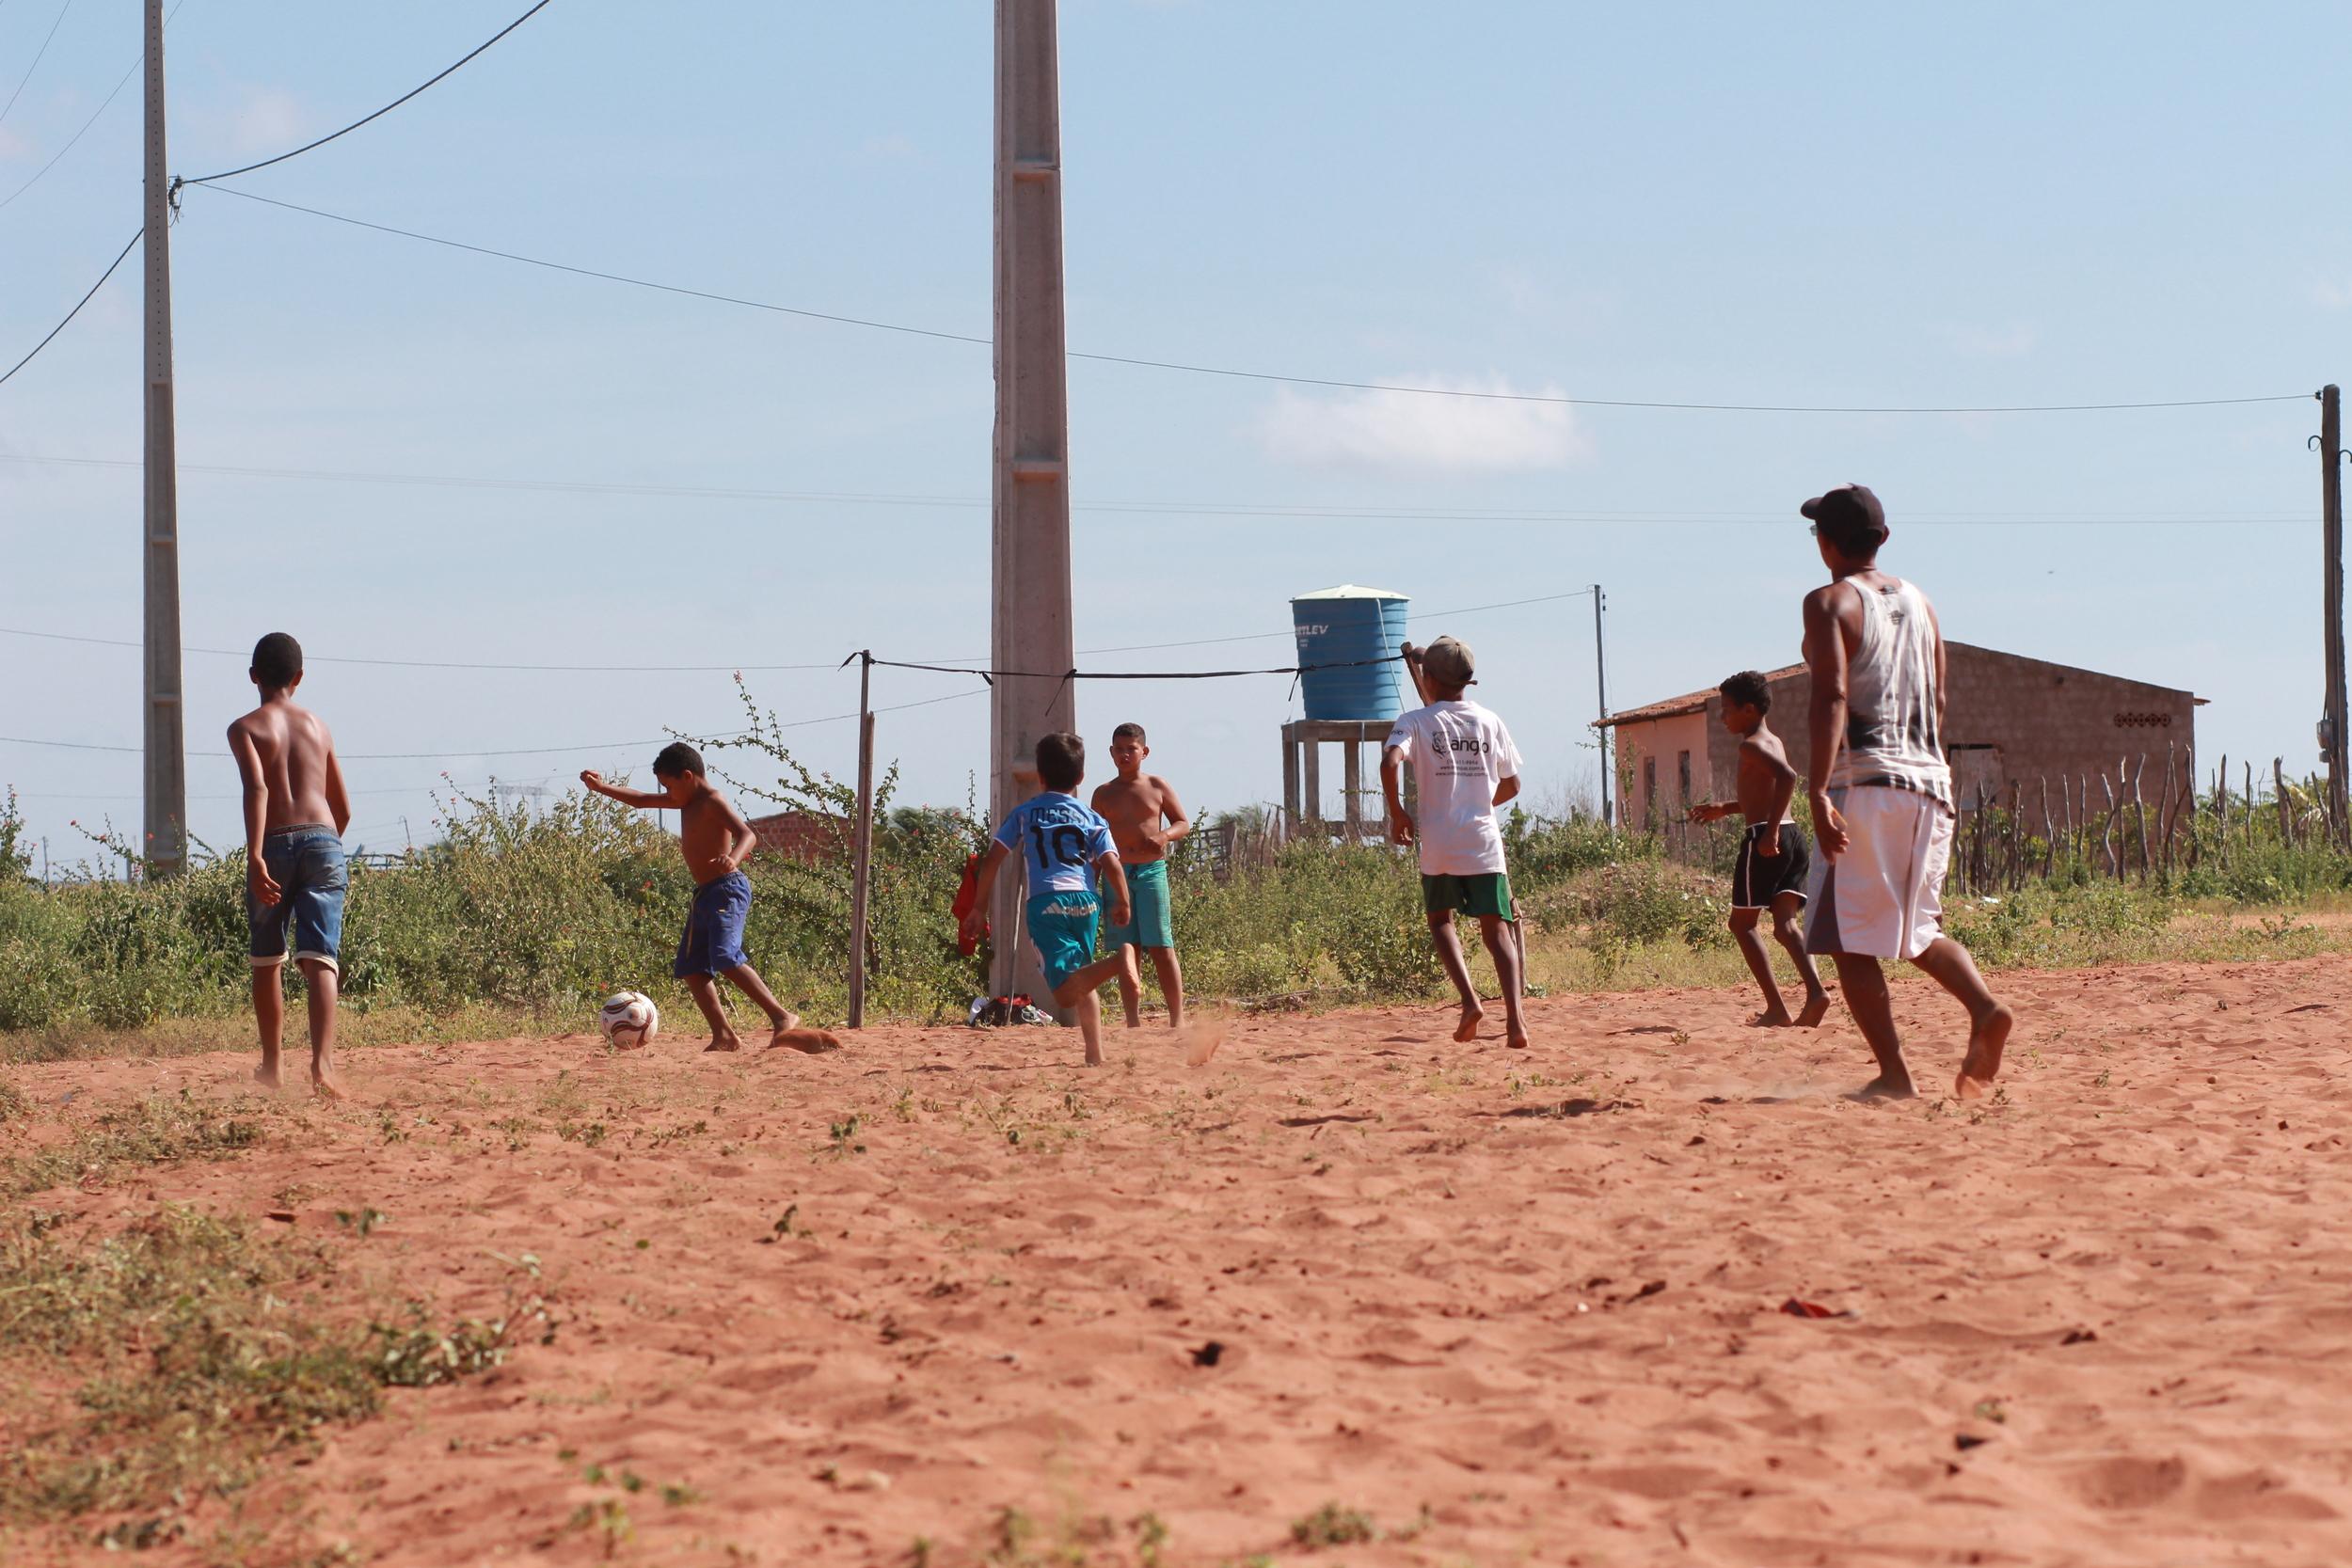 Assentamento Irmã Dorothy (Petrolândia) - Eram por volta de 30 crianças jogando em um campo de terrão improvisado por eles mesmos. 4 pedaços de pau para fazer as barras, fita de borracha para os travessões e um Sol de rachar na cabeça.